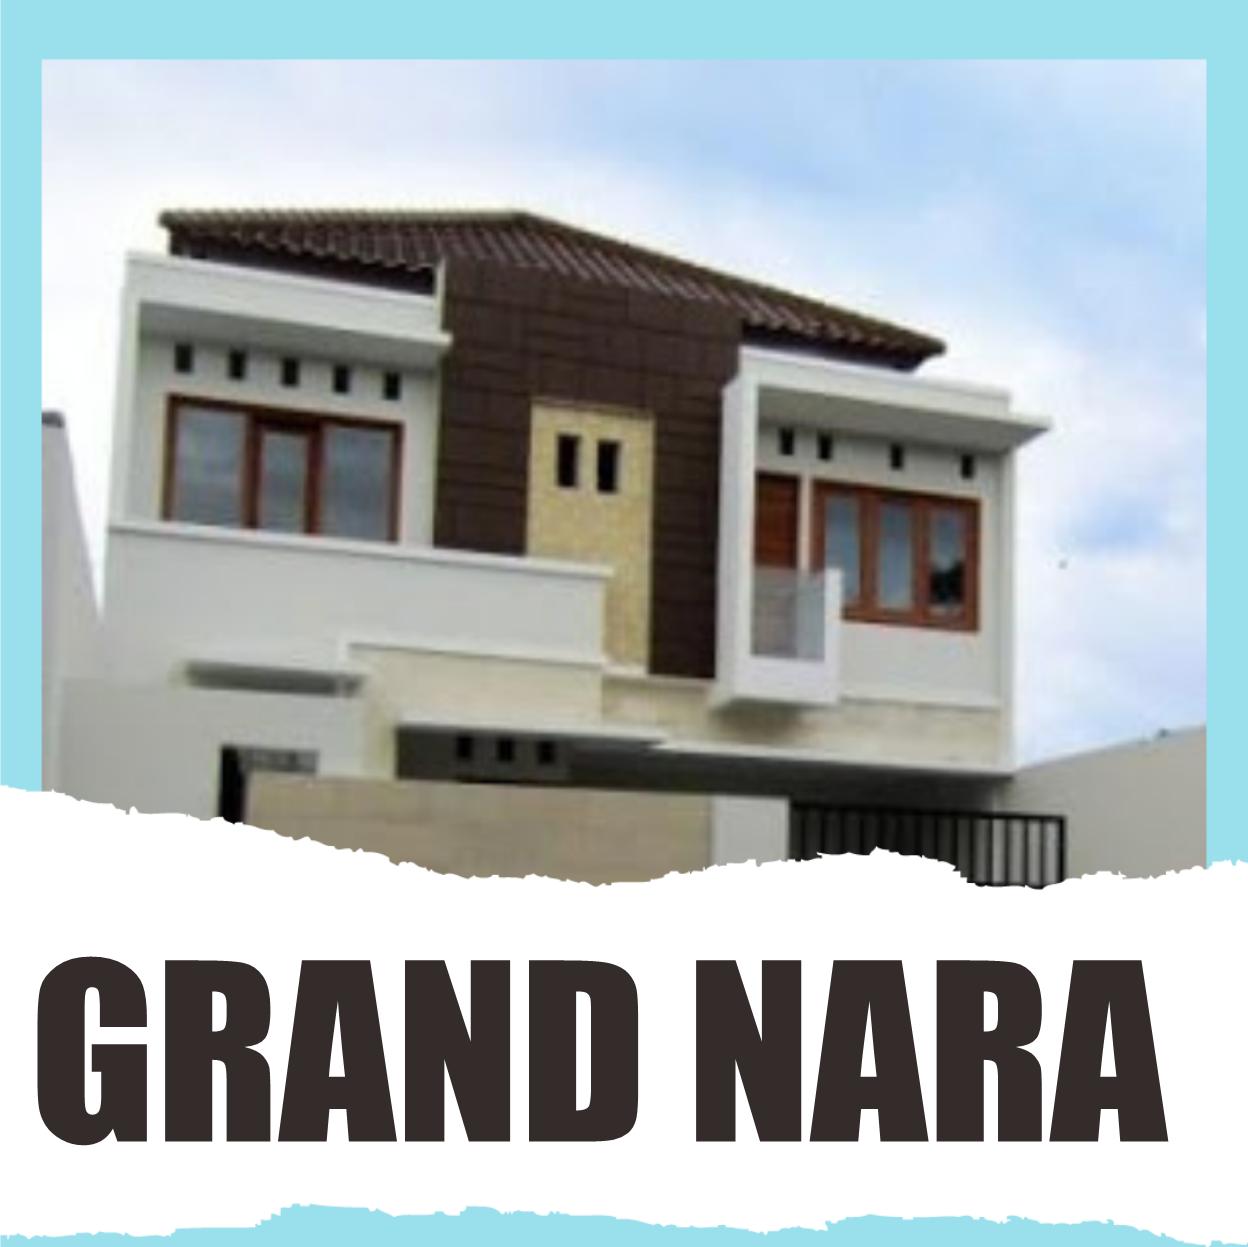 Grand Nara